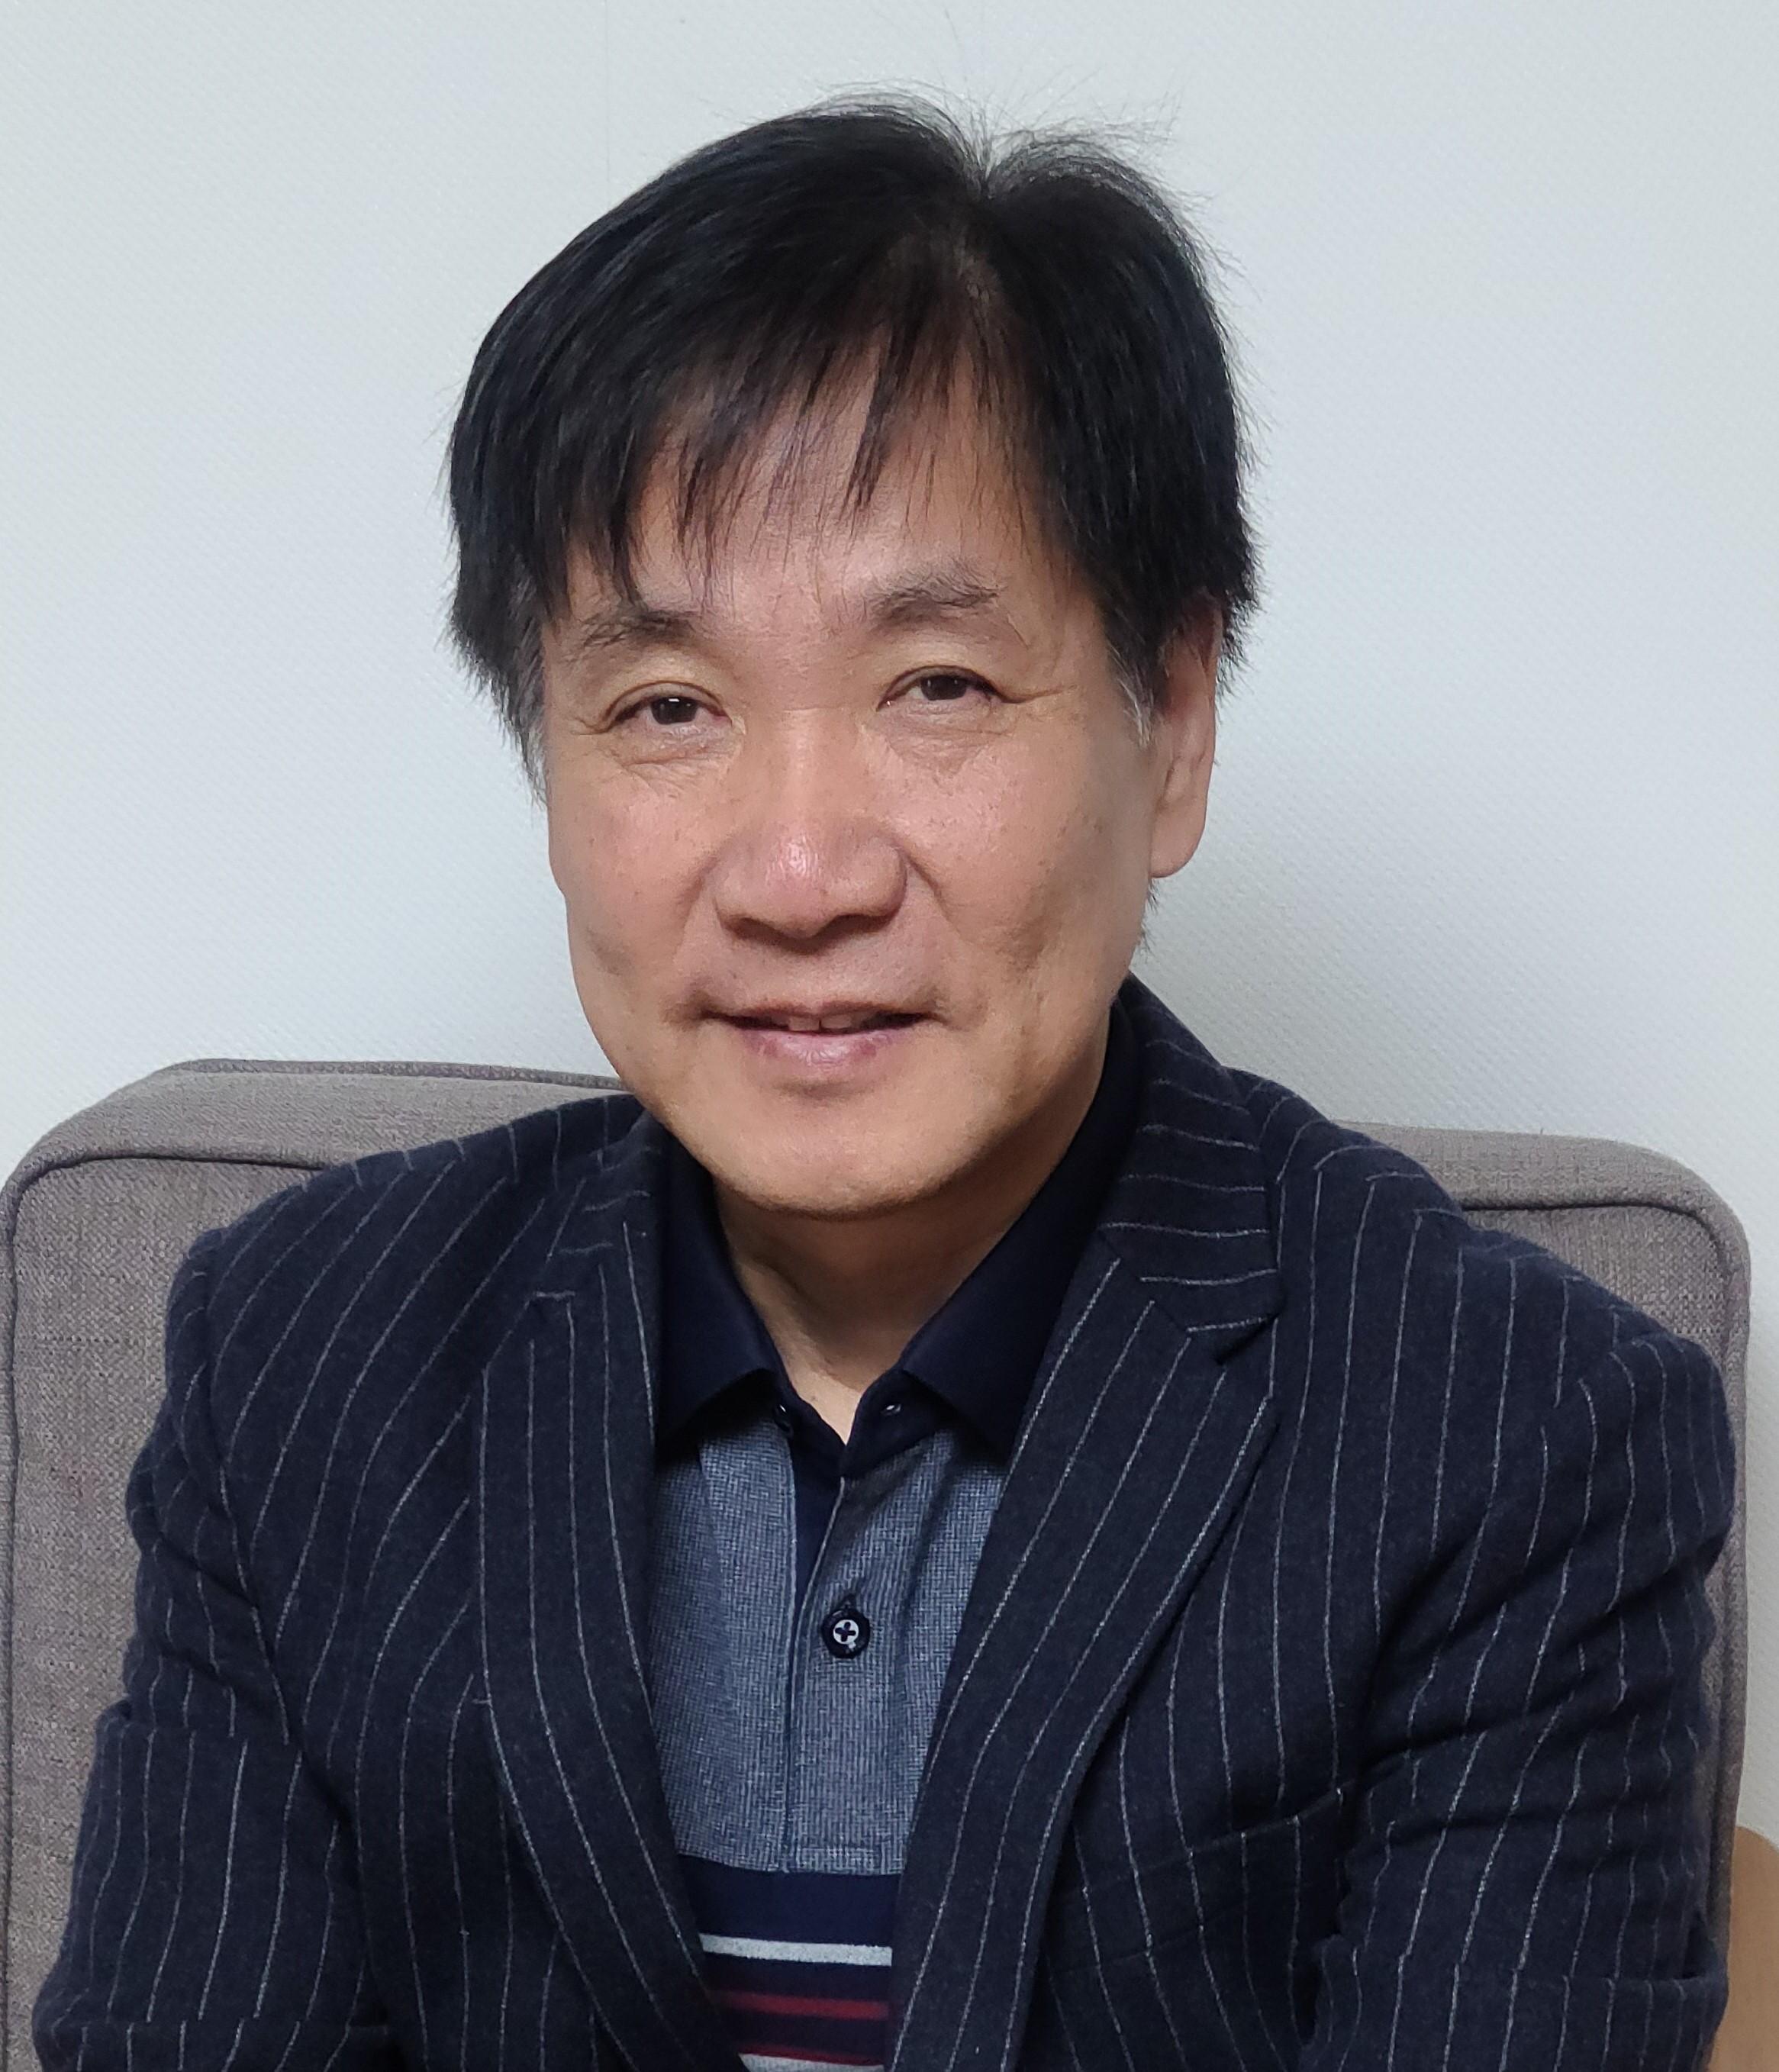 조재승 교수 증명사진